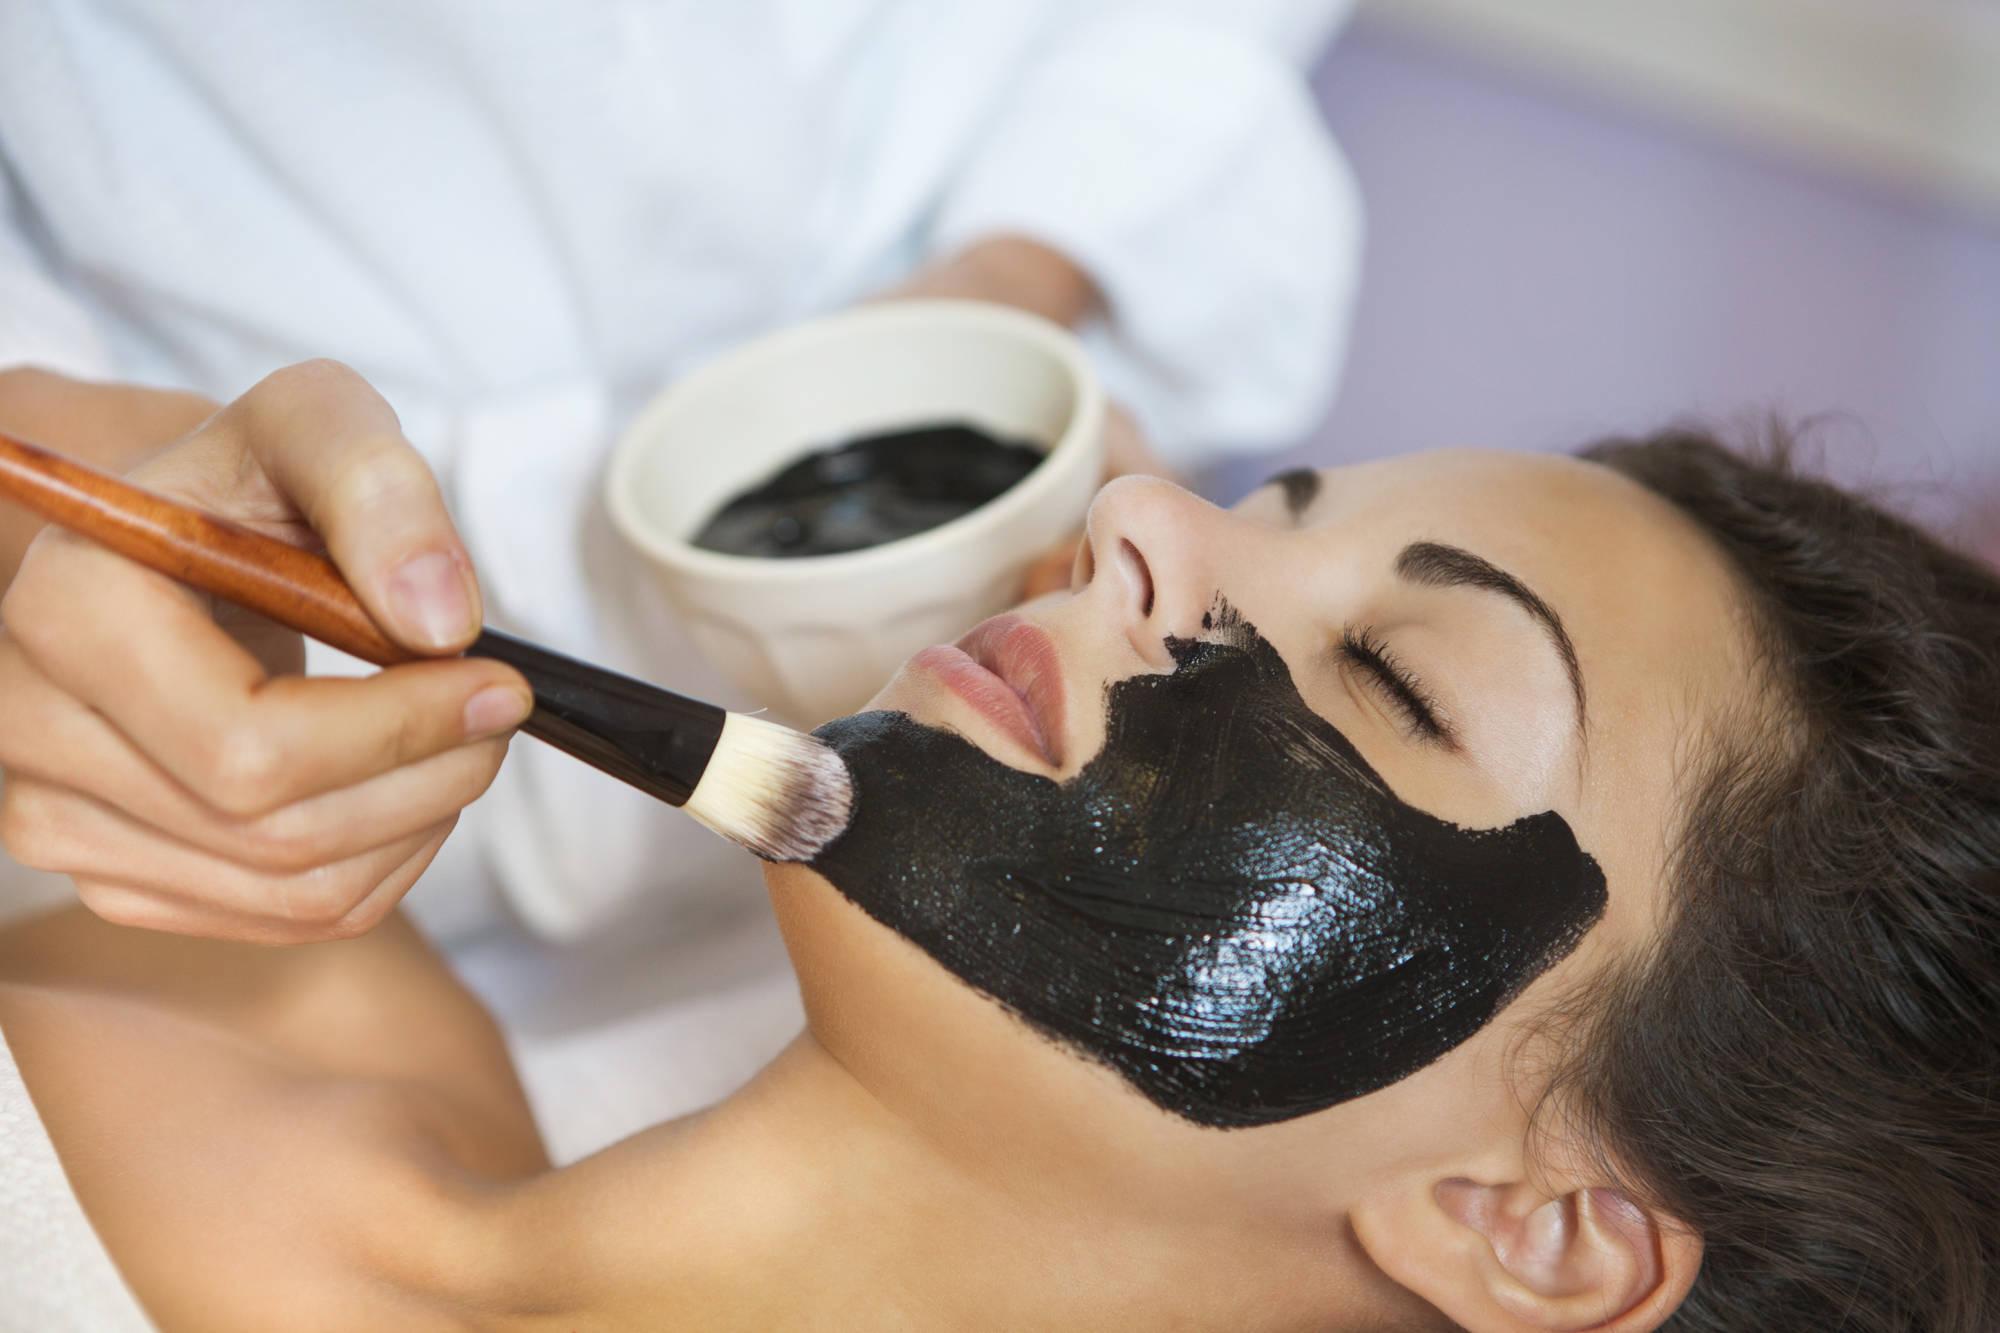 Сколько нужно держать маску из активированного угля. домашний салон красоты: маска от черных точек с активированным углем. активированный уголь и какао.